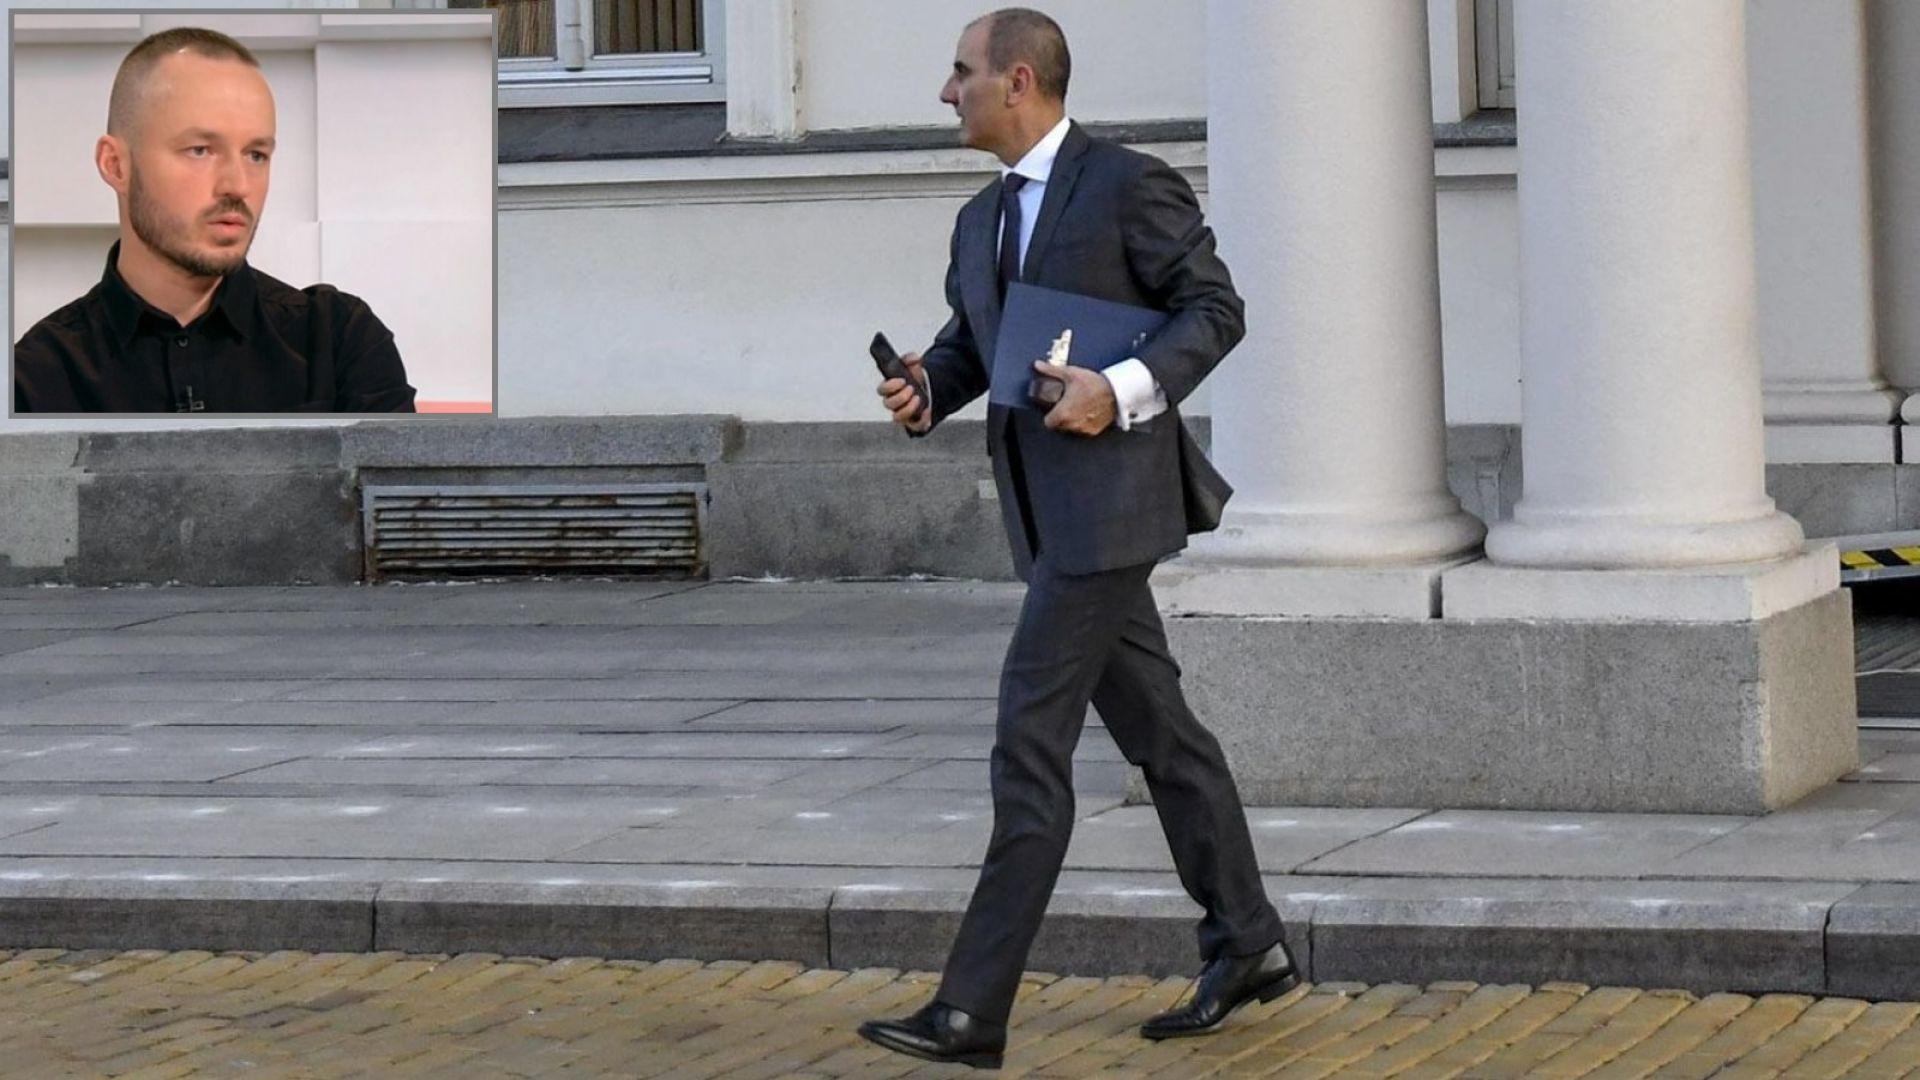 Доц. Стойчо Стойчев: Решението на Цветанов може да превърне скандала в позитив за ГЕРБ